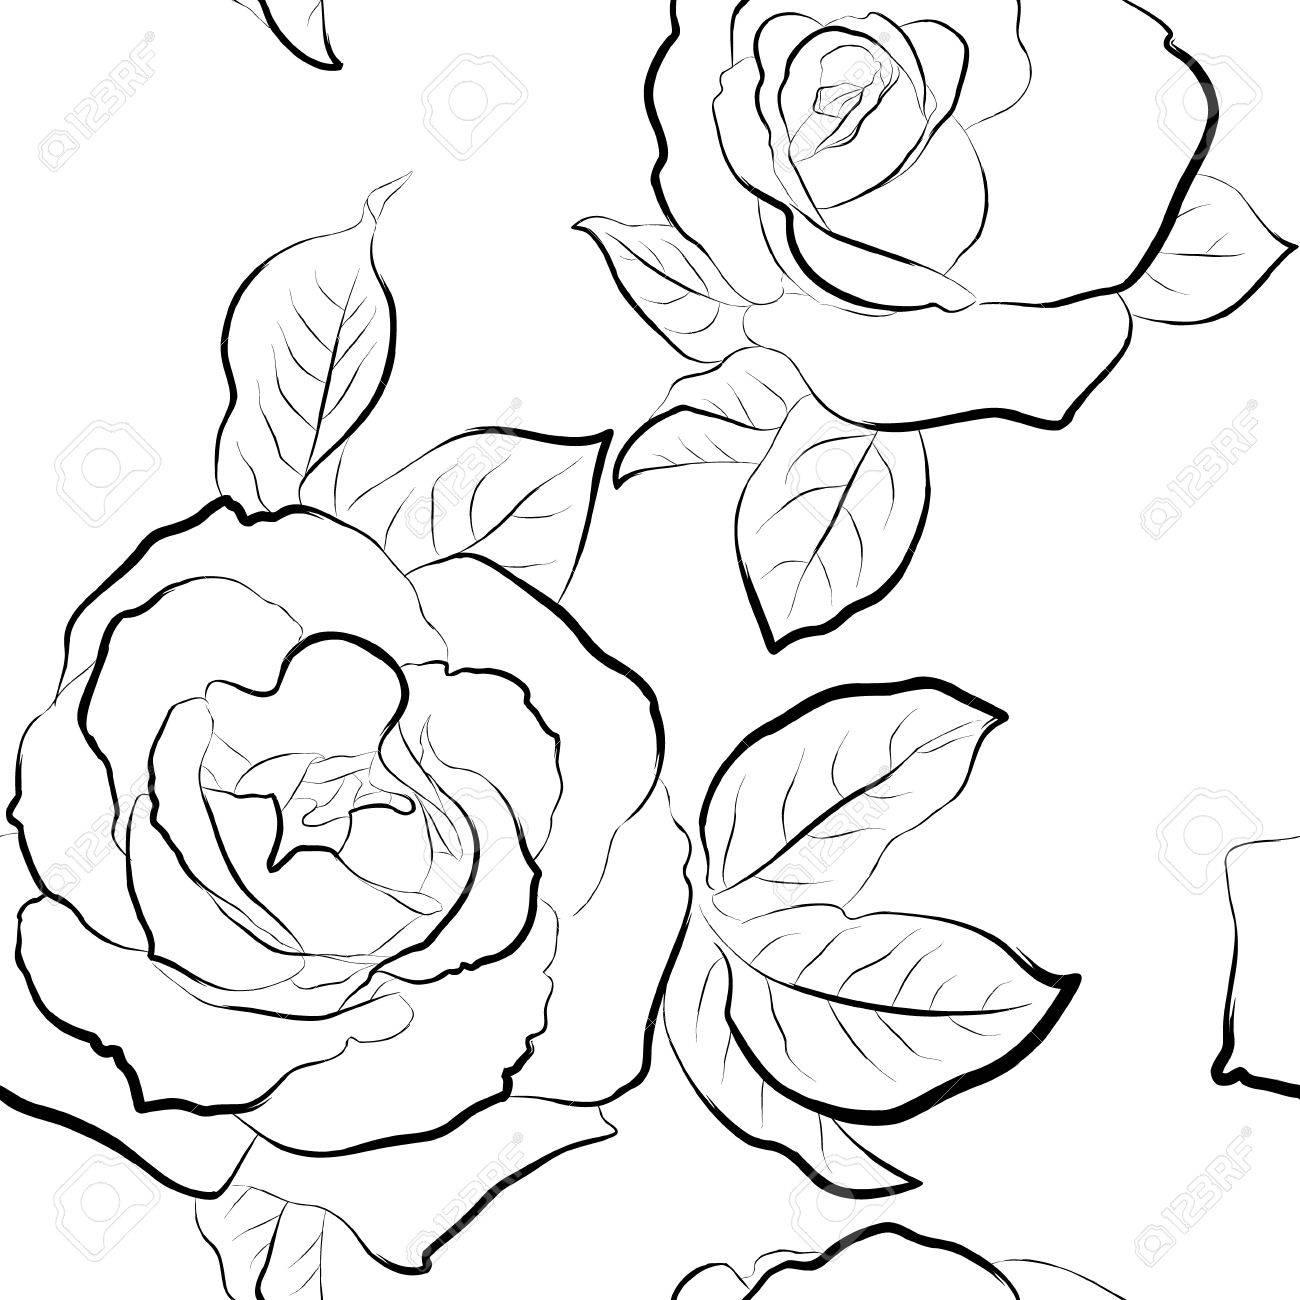 16+ Wallpaper Rosen Schwarz Weiß Background